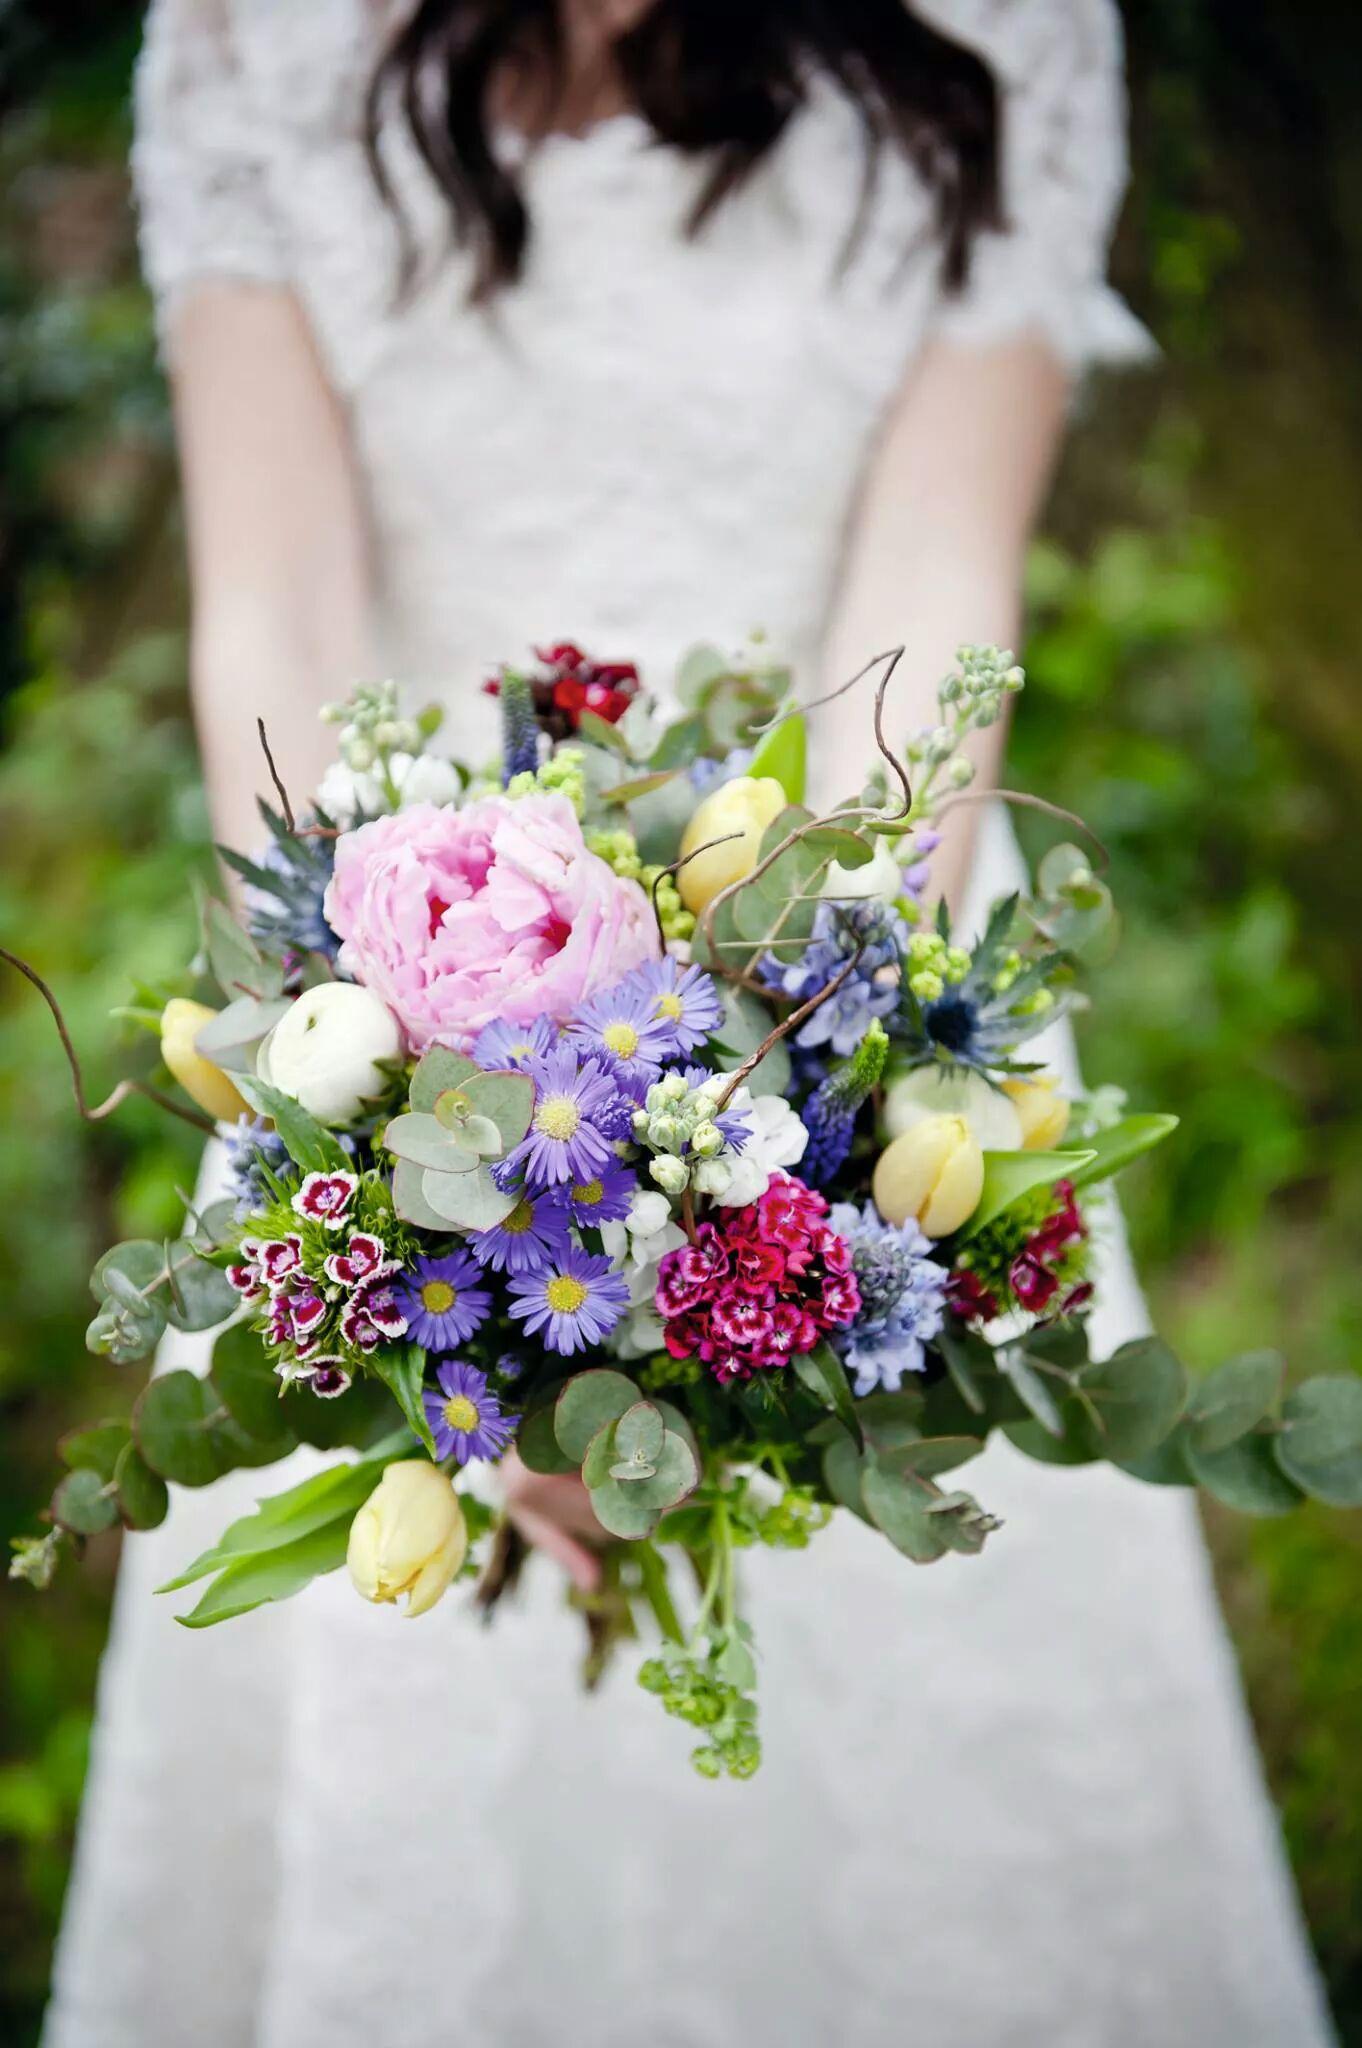 2015 – Ditsy Floral Design